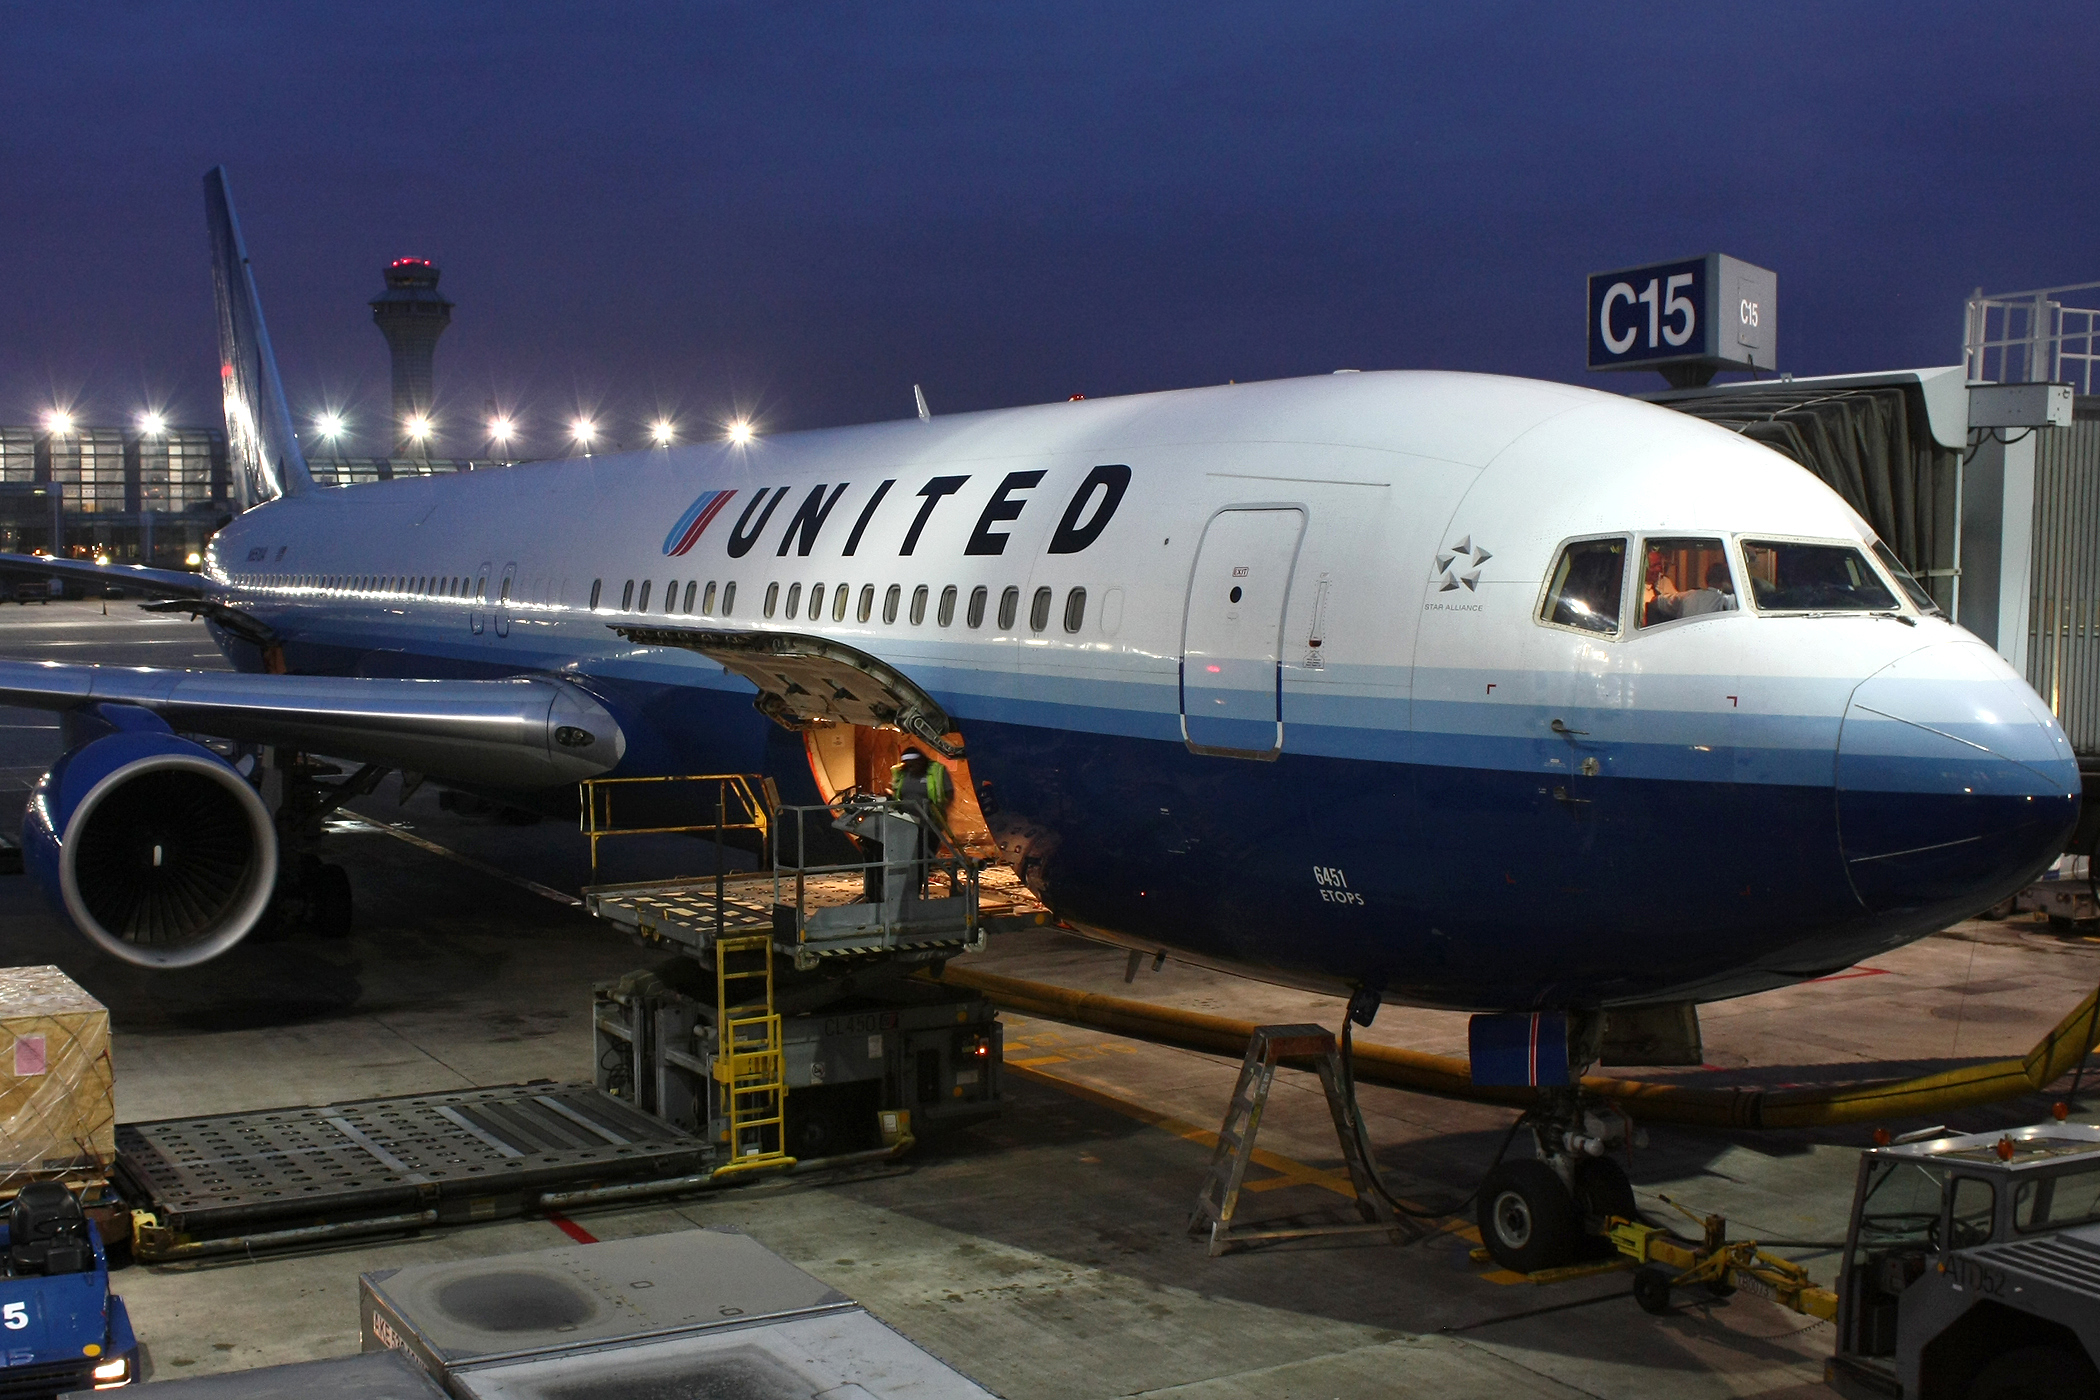 UNITED AIRLINES TOMÓ UNA SABIA DECISIÓN: ¡NO ARRASTRARÁ MÁS A LOS PASAJEROS FUERA DE SUS AVIONES!